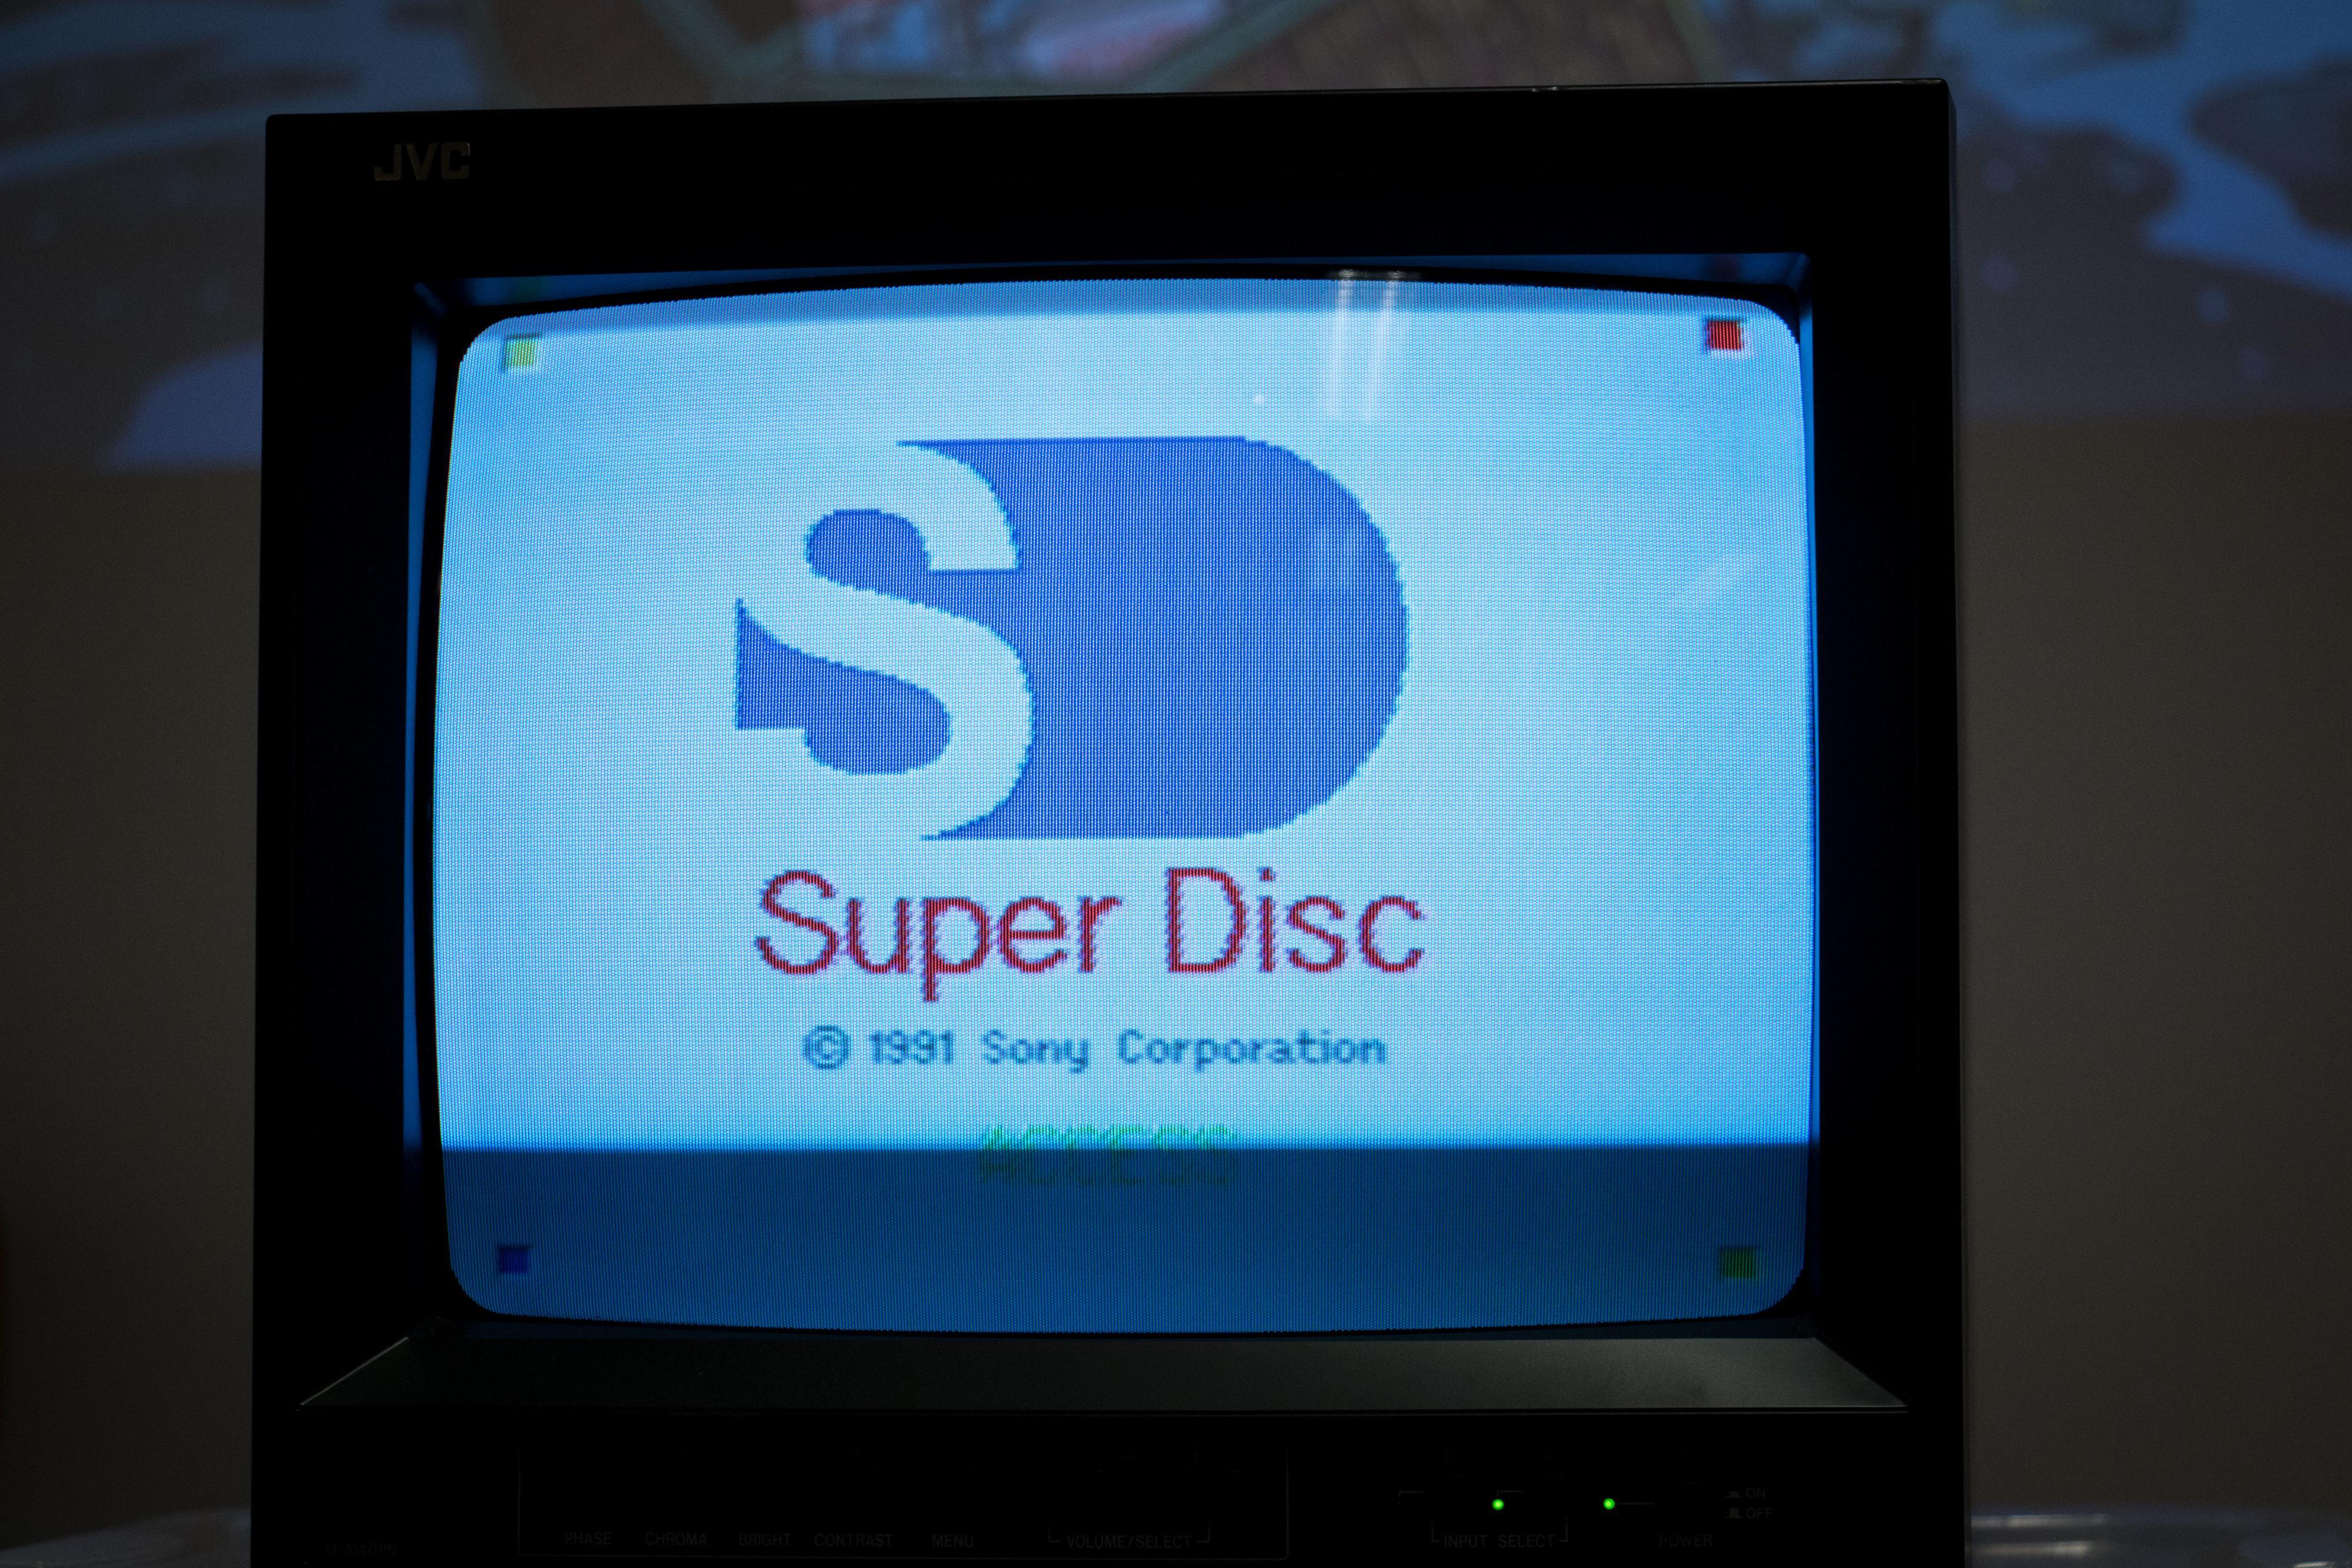 Skrur man på konsollen med Boot-kasetten i, lyser den klassiske Super Disc-logoen opp, før en generisk meny dukker opp.